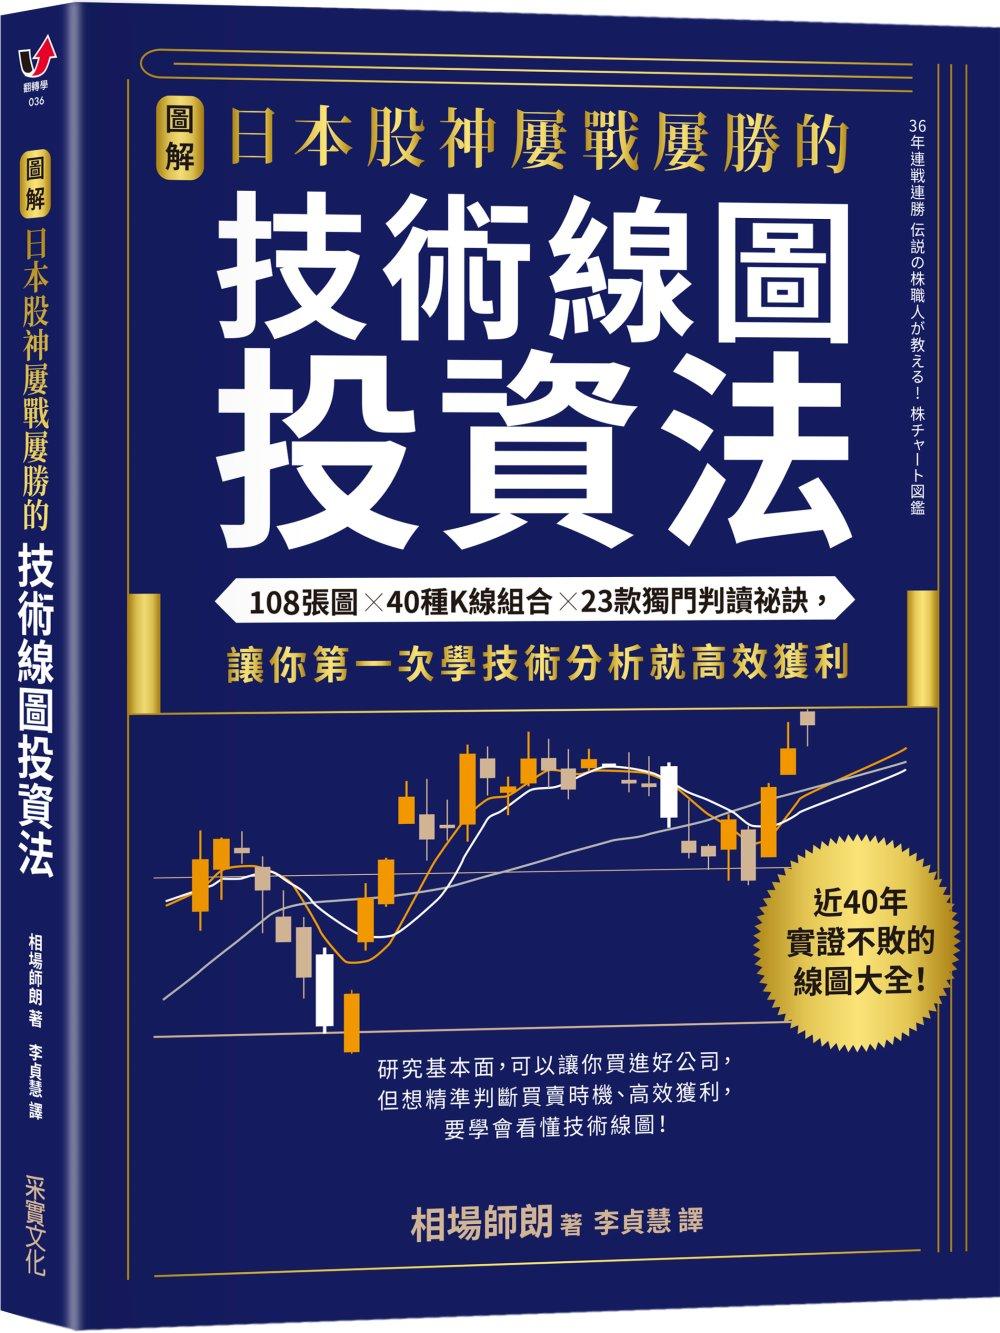 【圖解】日本股神屢戰屢勝的技術線圖投資法:108張圖╳40種K線組合╳23款獨門判讀祕訣,讓你第一次學技術分析就高效獲利